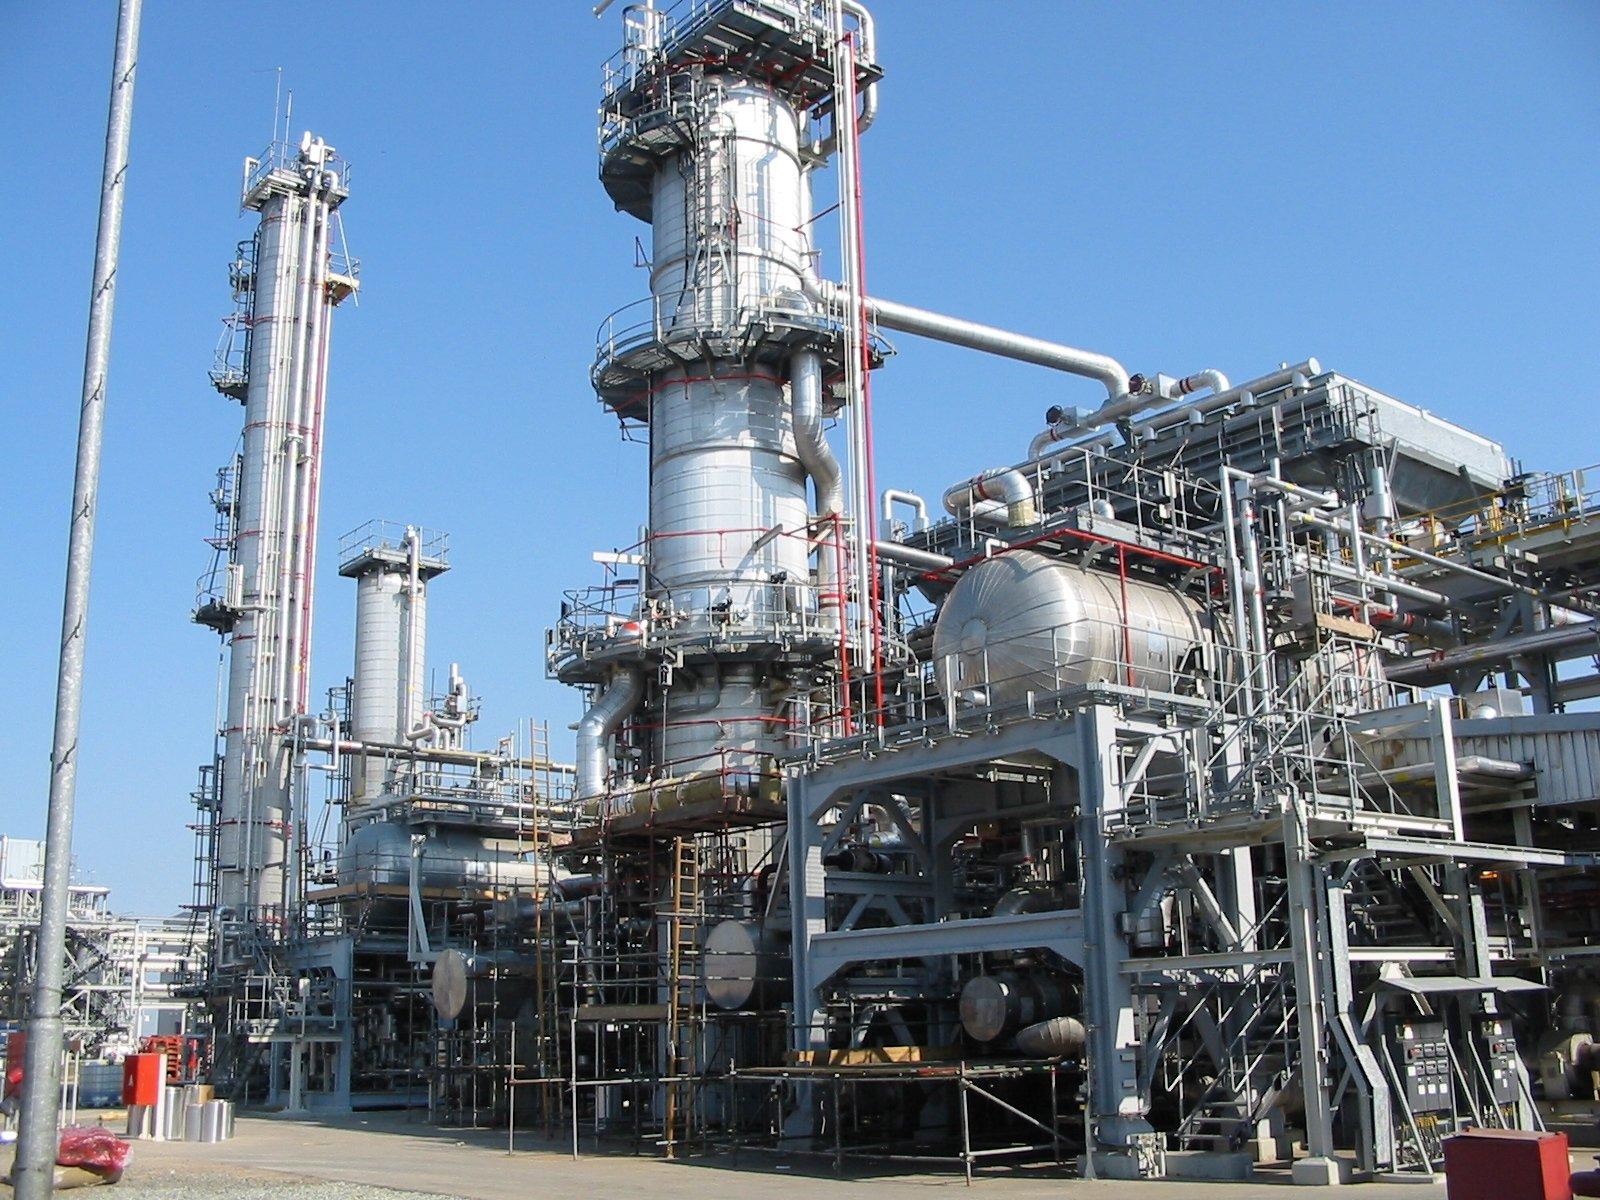 Bab Gas Compression Station, Abu Dhabi.jpg